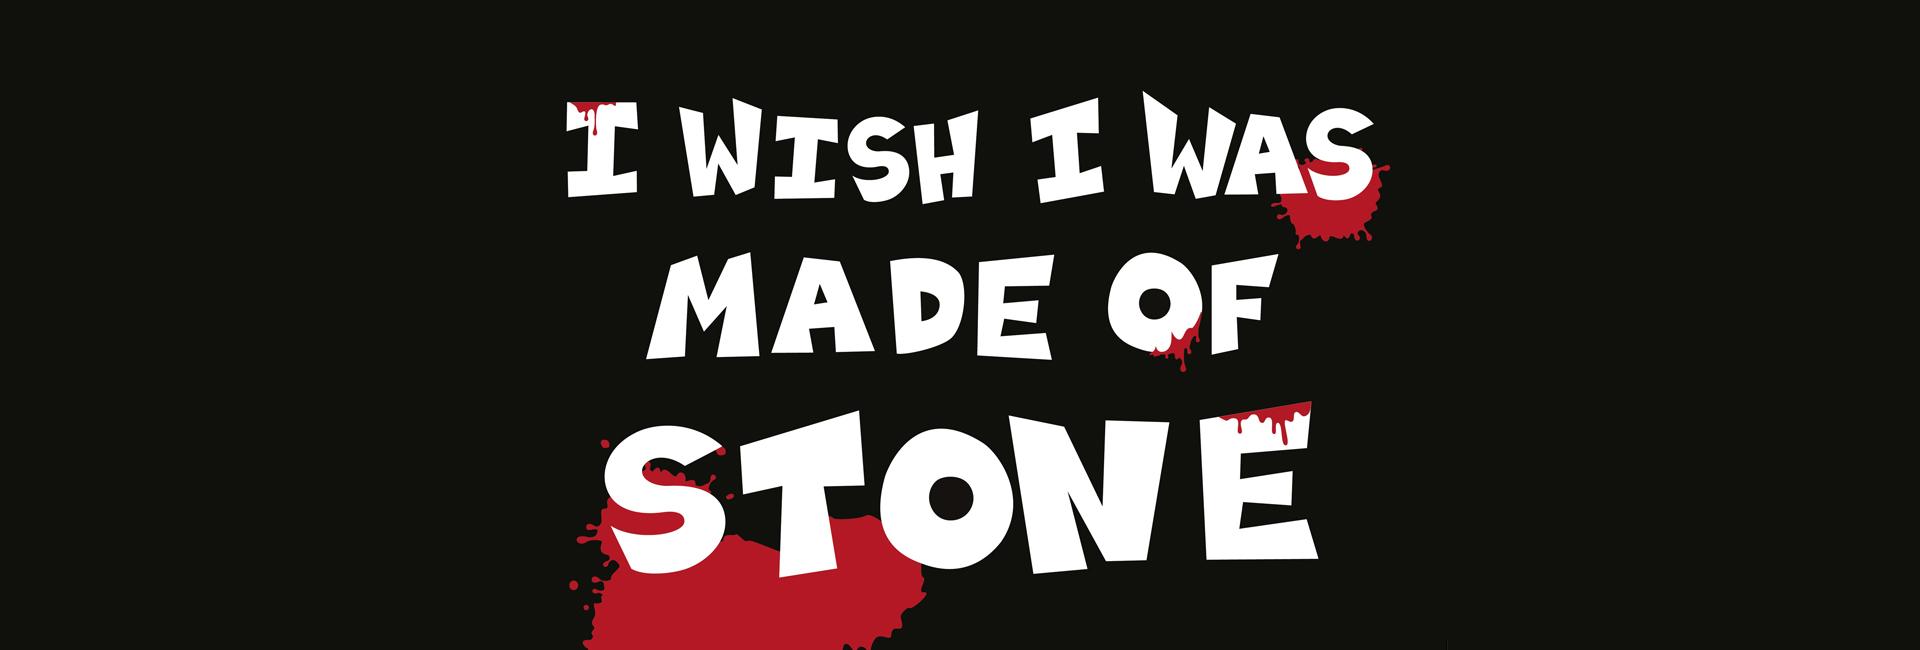 Exposição – I wish i was made of stone, de Catarina Verdier